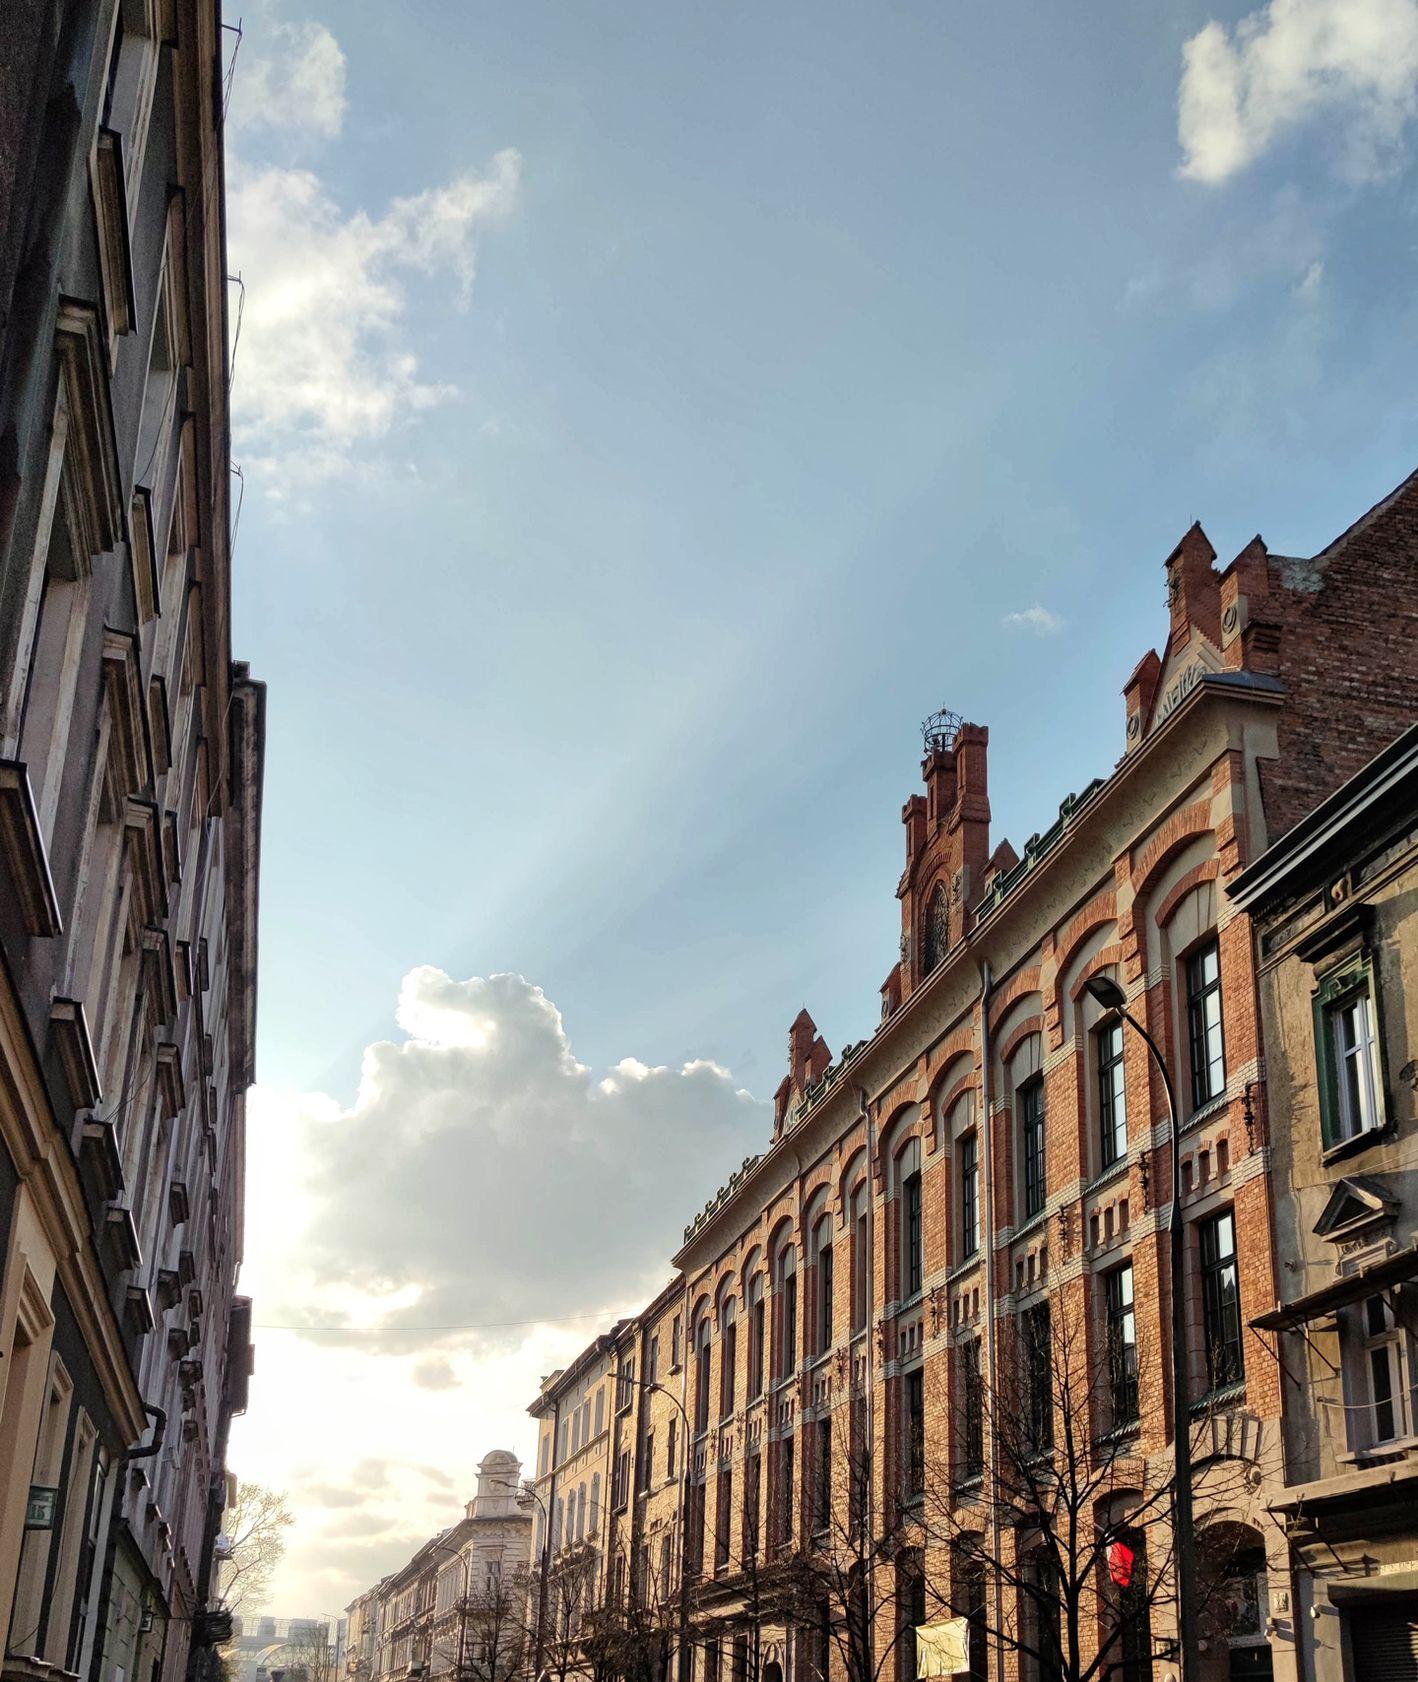 Krakowski Kazimierz, ulice Krakowa (fot. Diana Kosiorek)